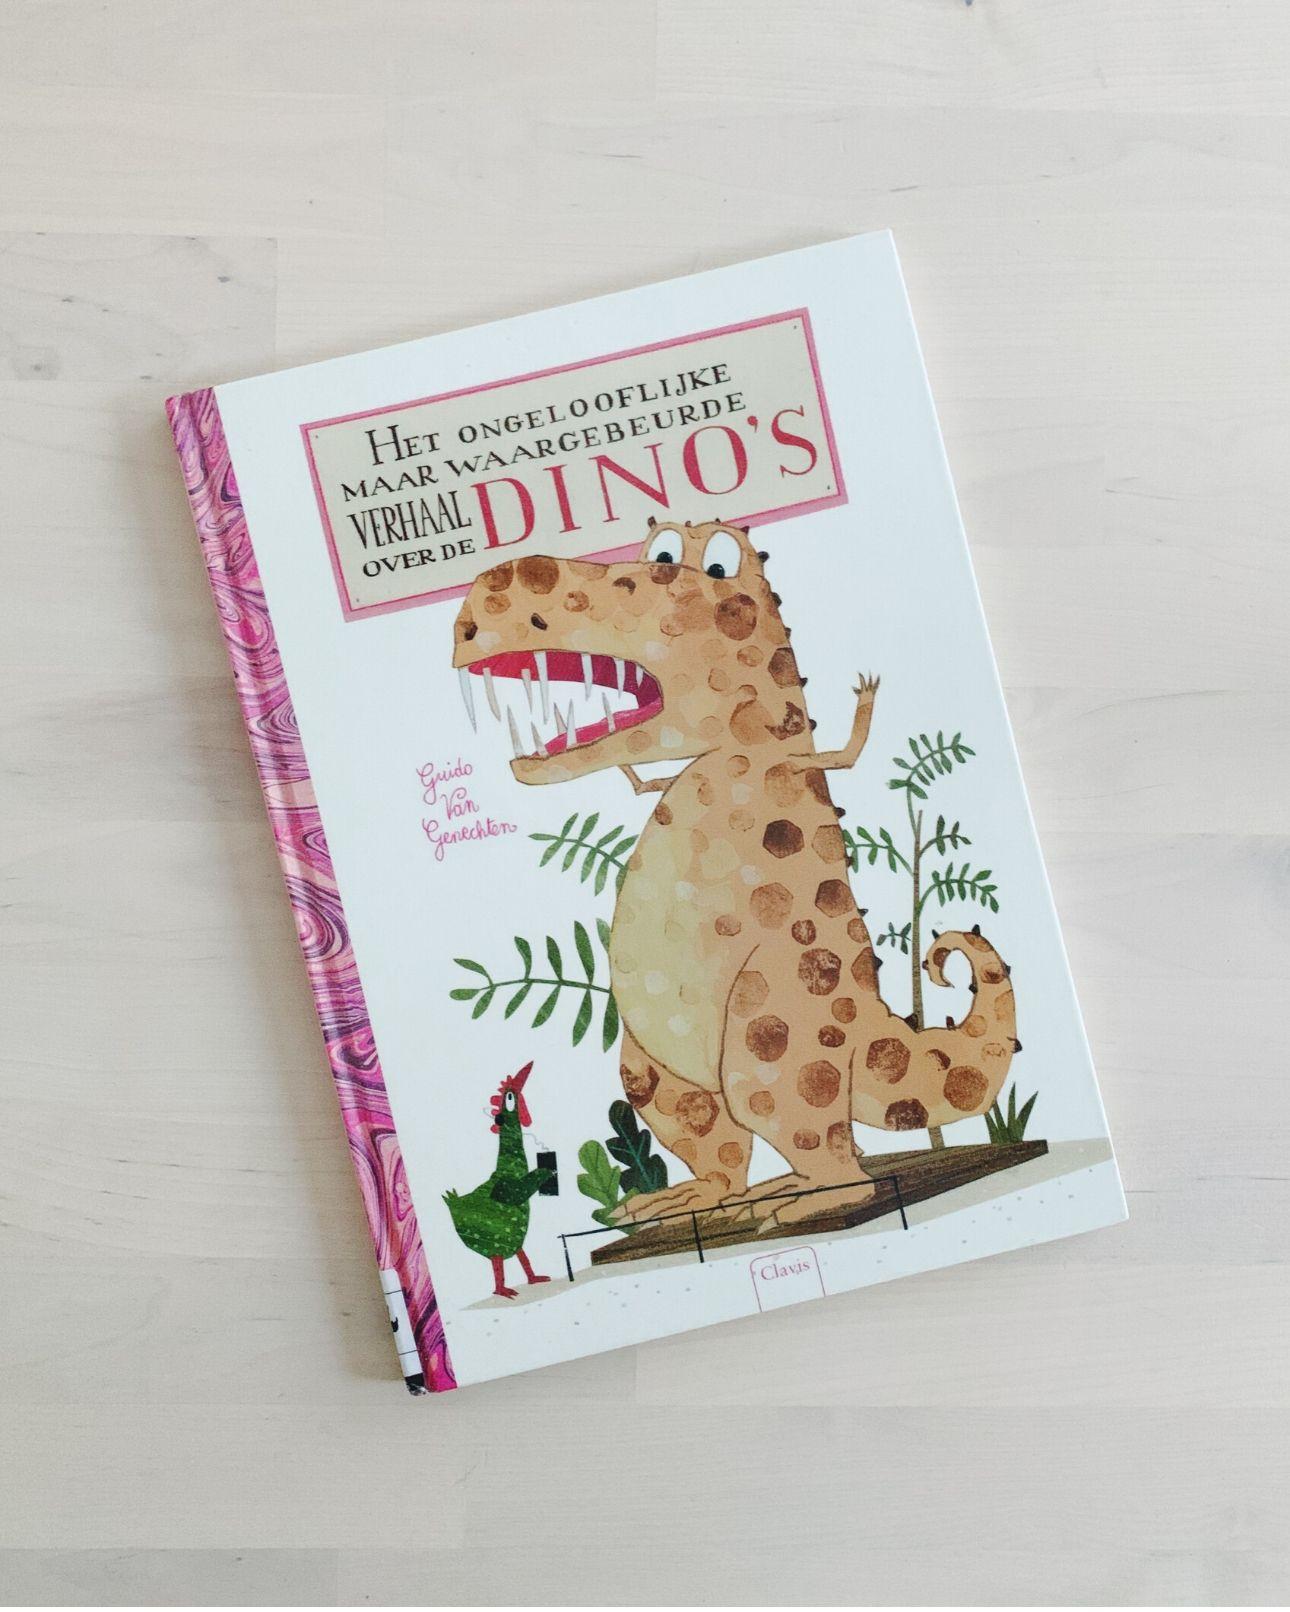 Kinderboek Het ongeloofelijke maar waargebeurde verhaal over de dino's